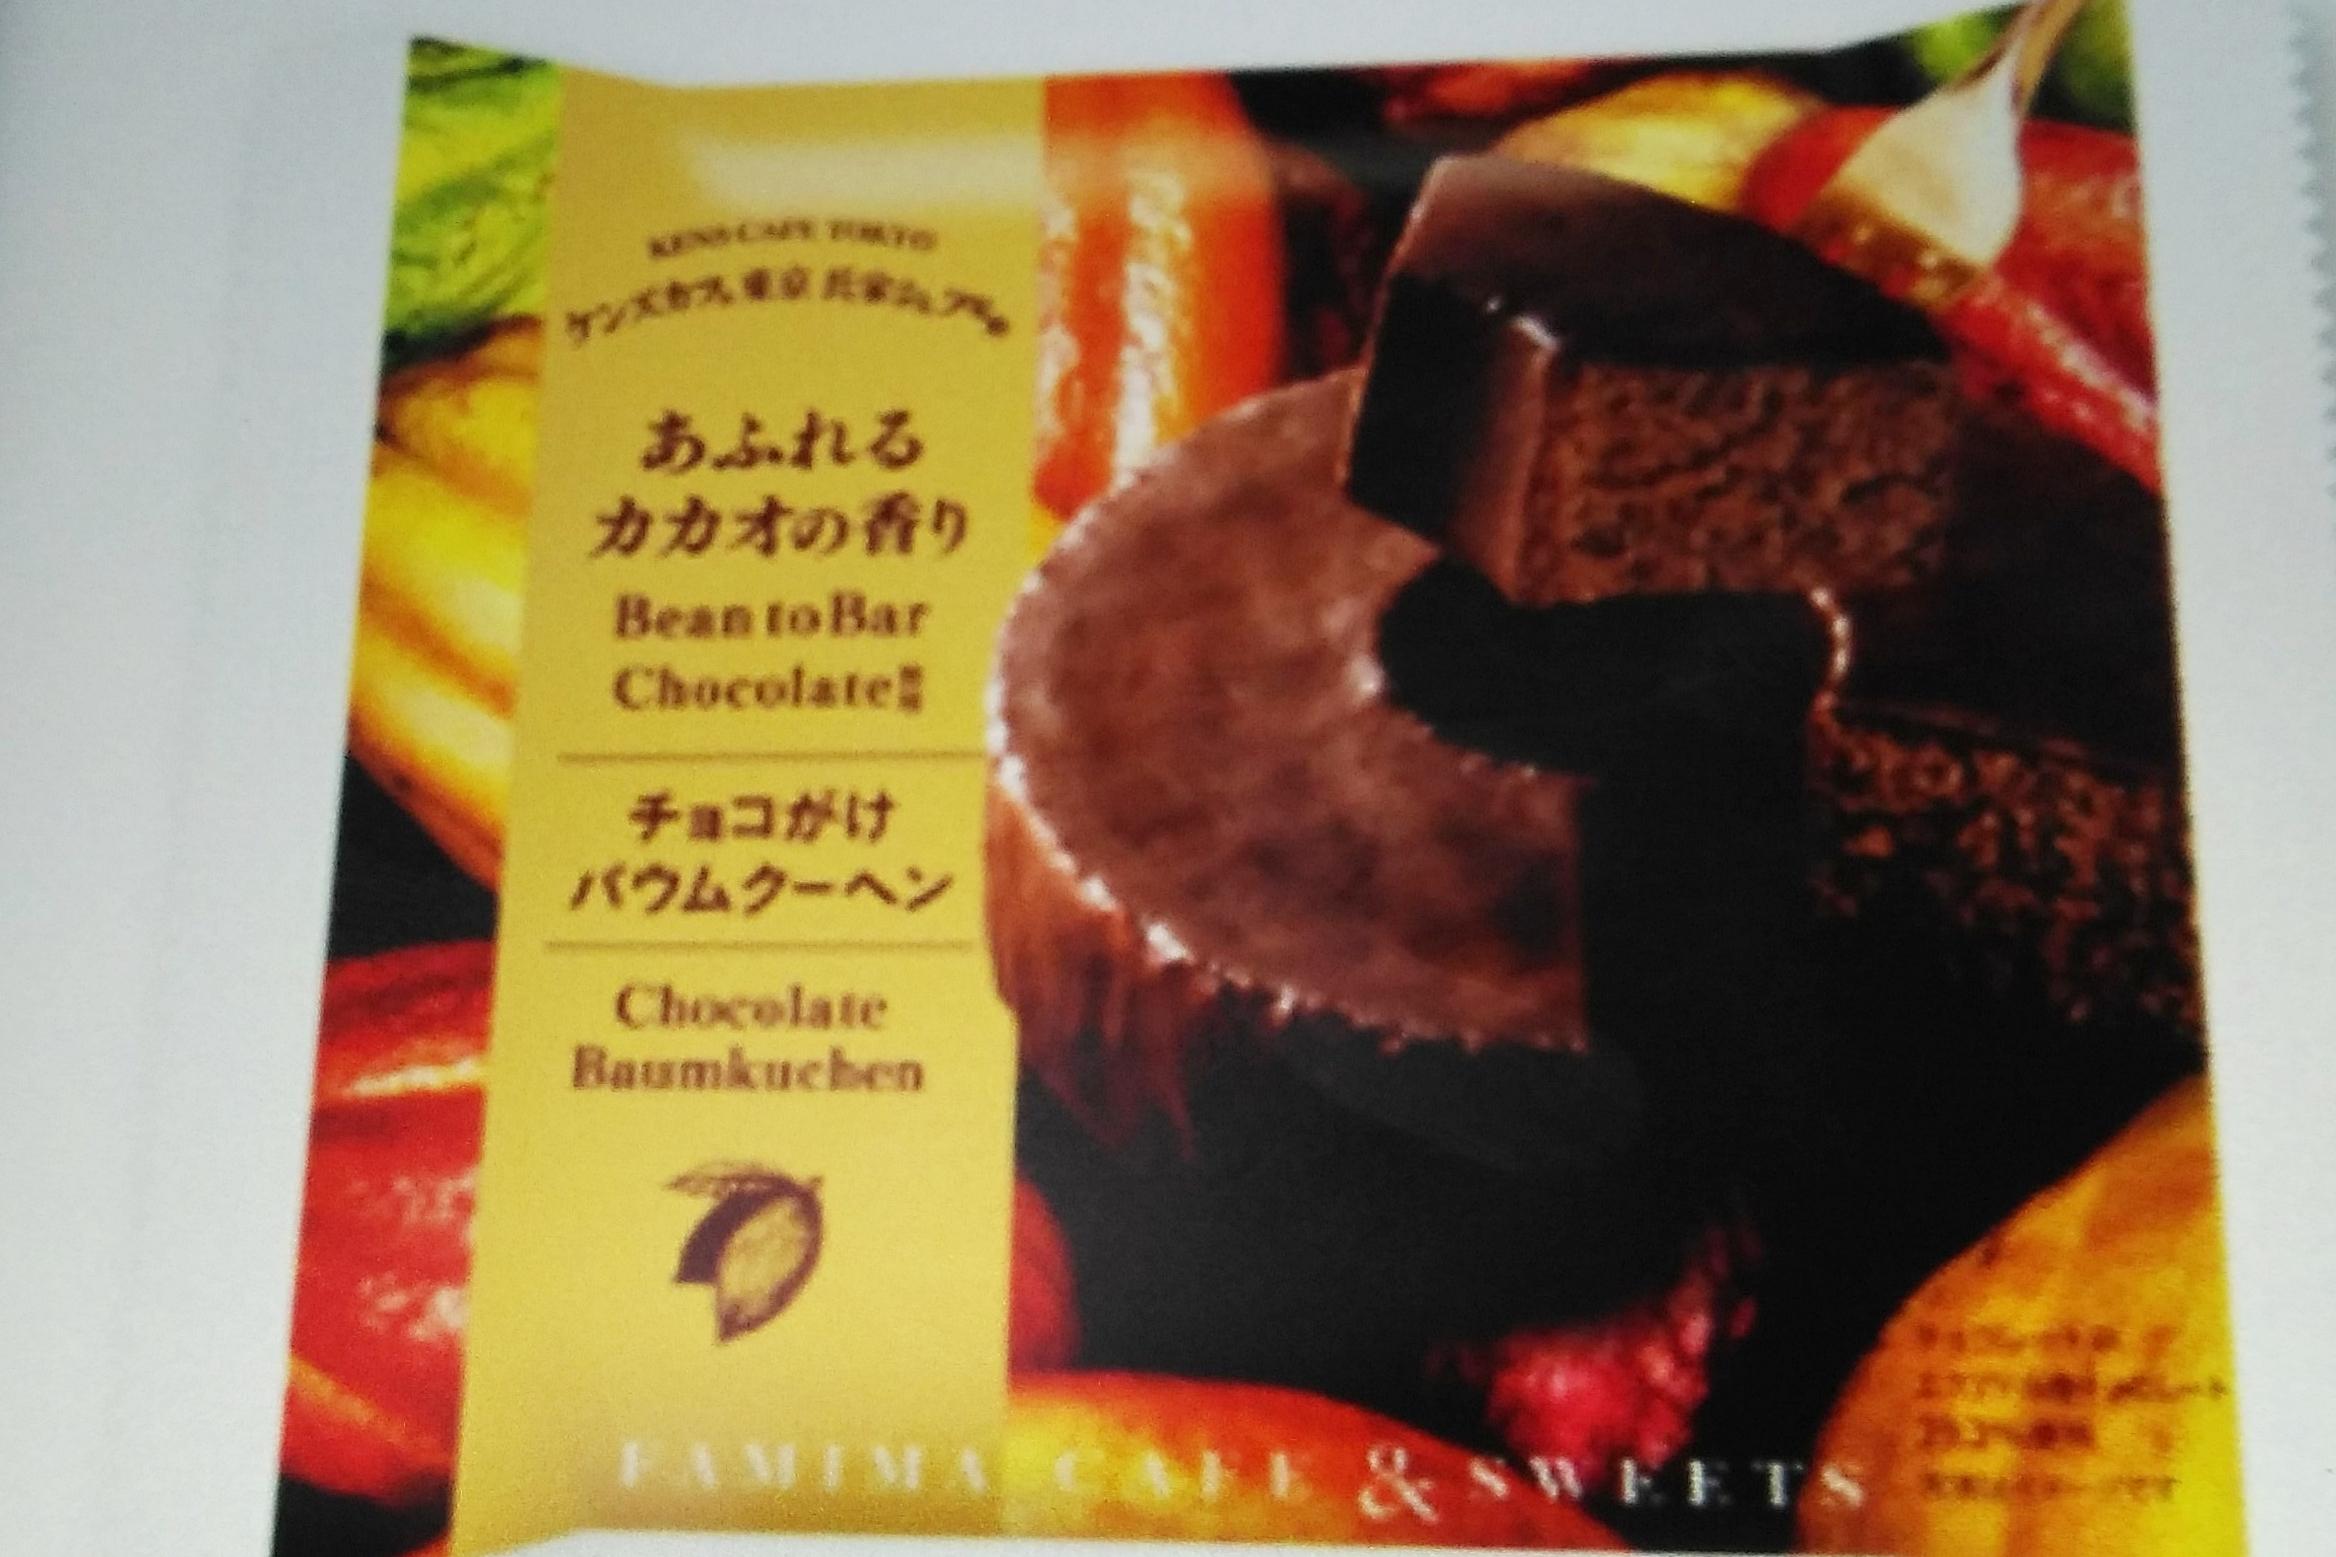 コンビニ3社のチョコケーキを比較!カロリー・値段は?美味しいの?34